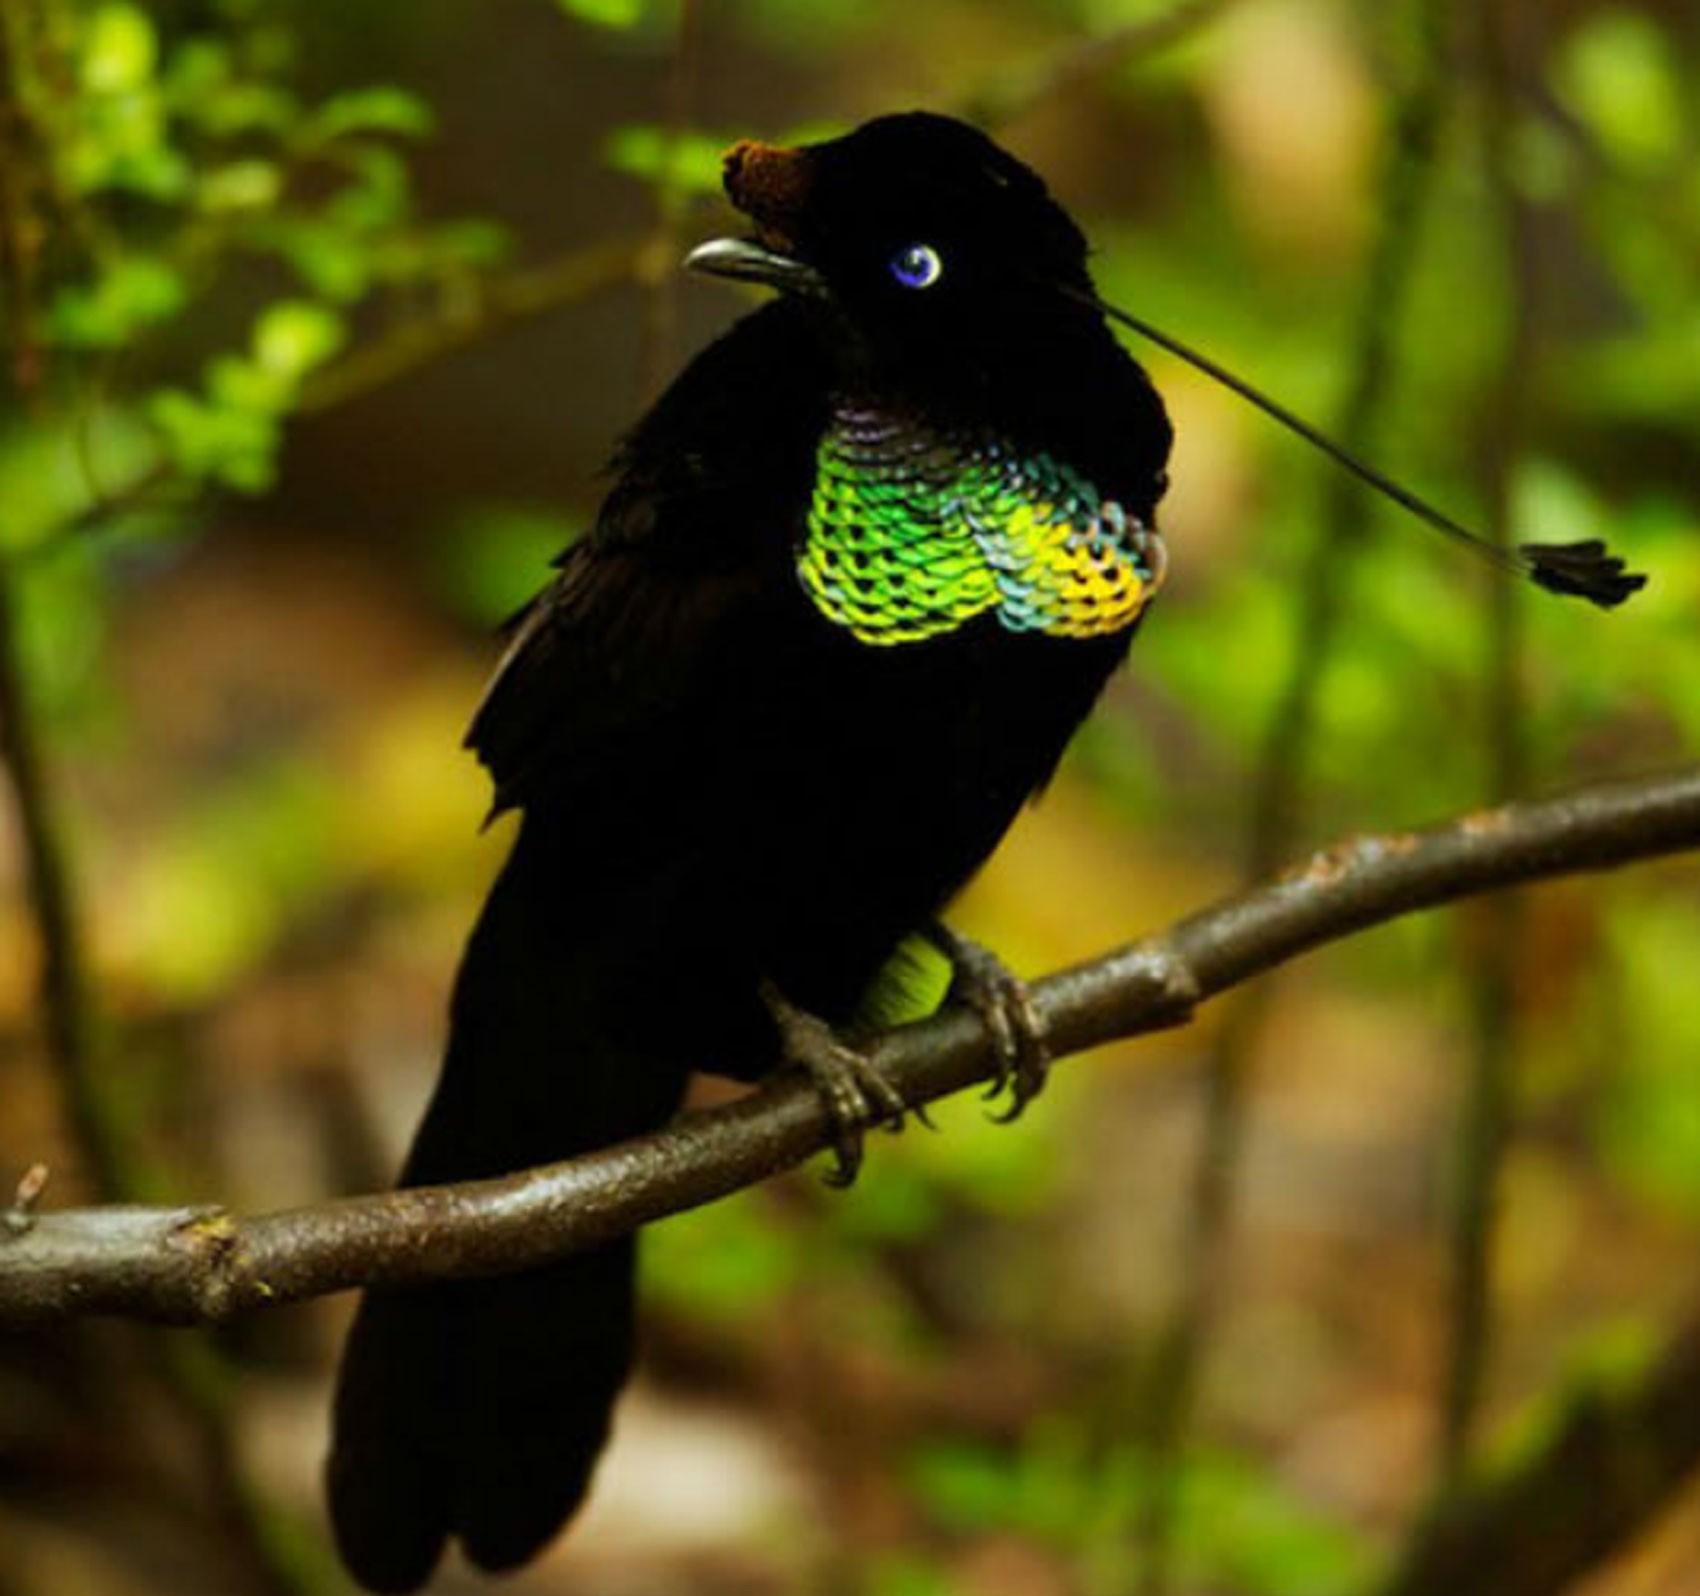 Pássaro tem pena superpreta com estrutura especial que absorve até 99,95% da luz